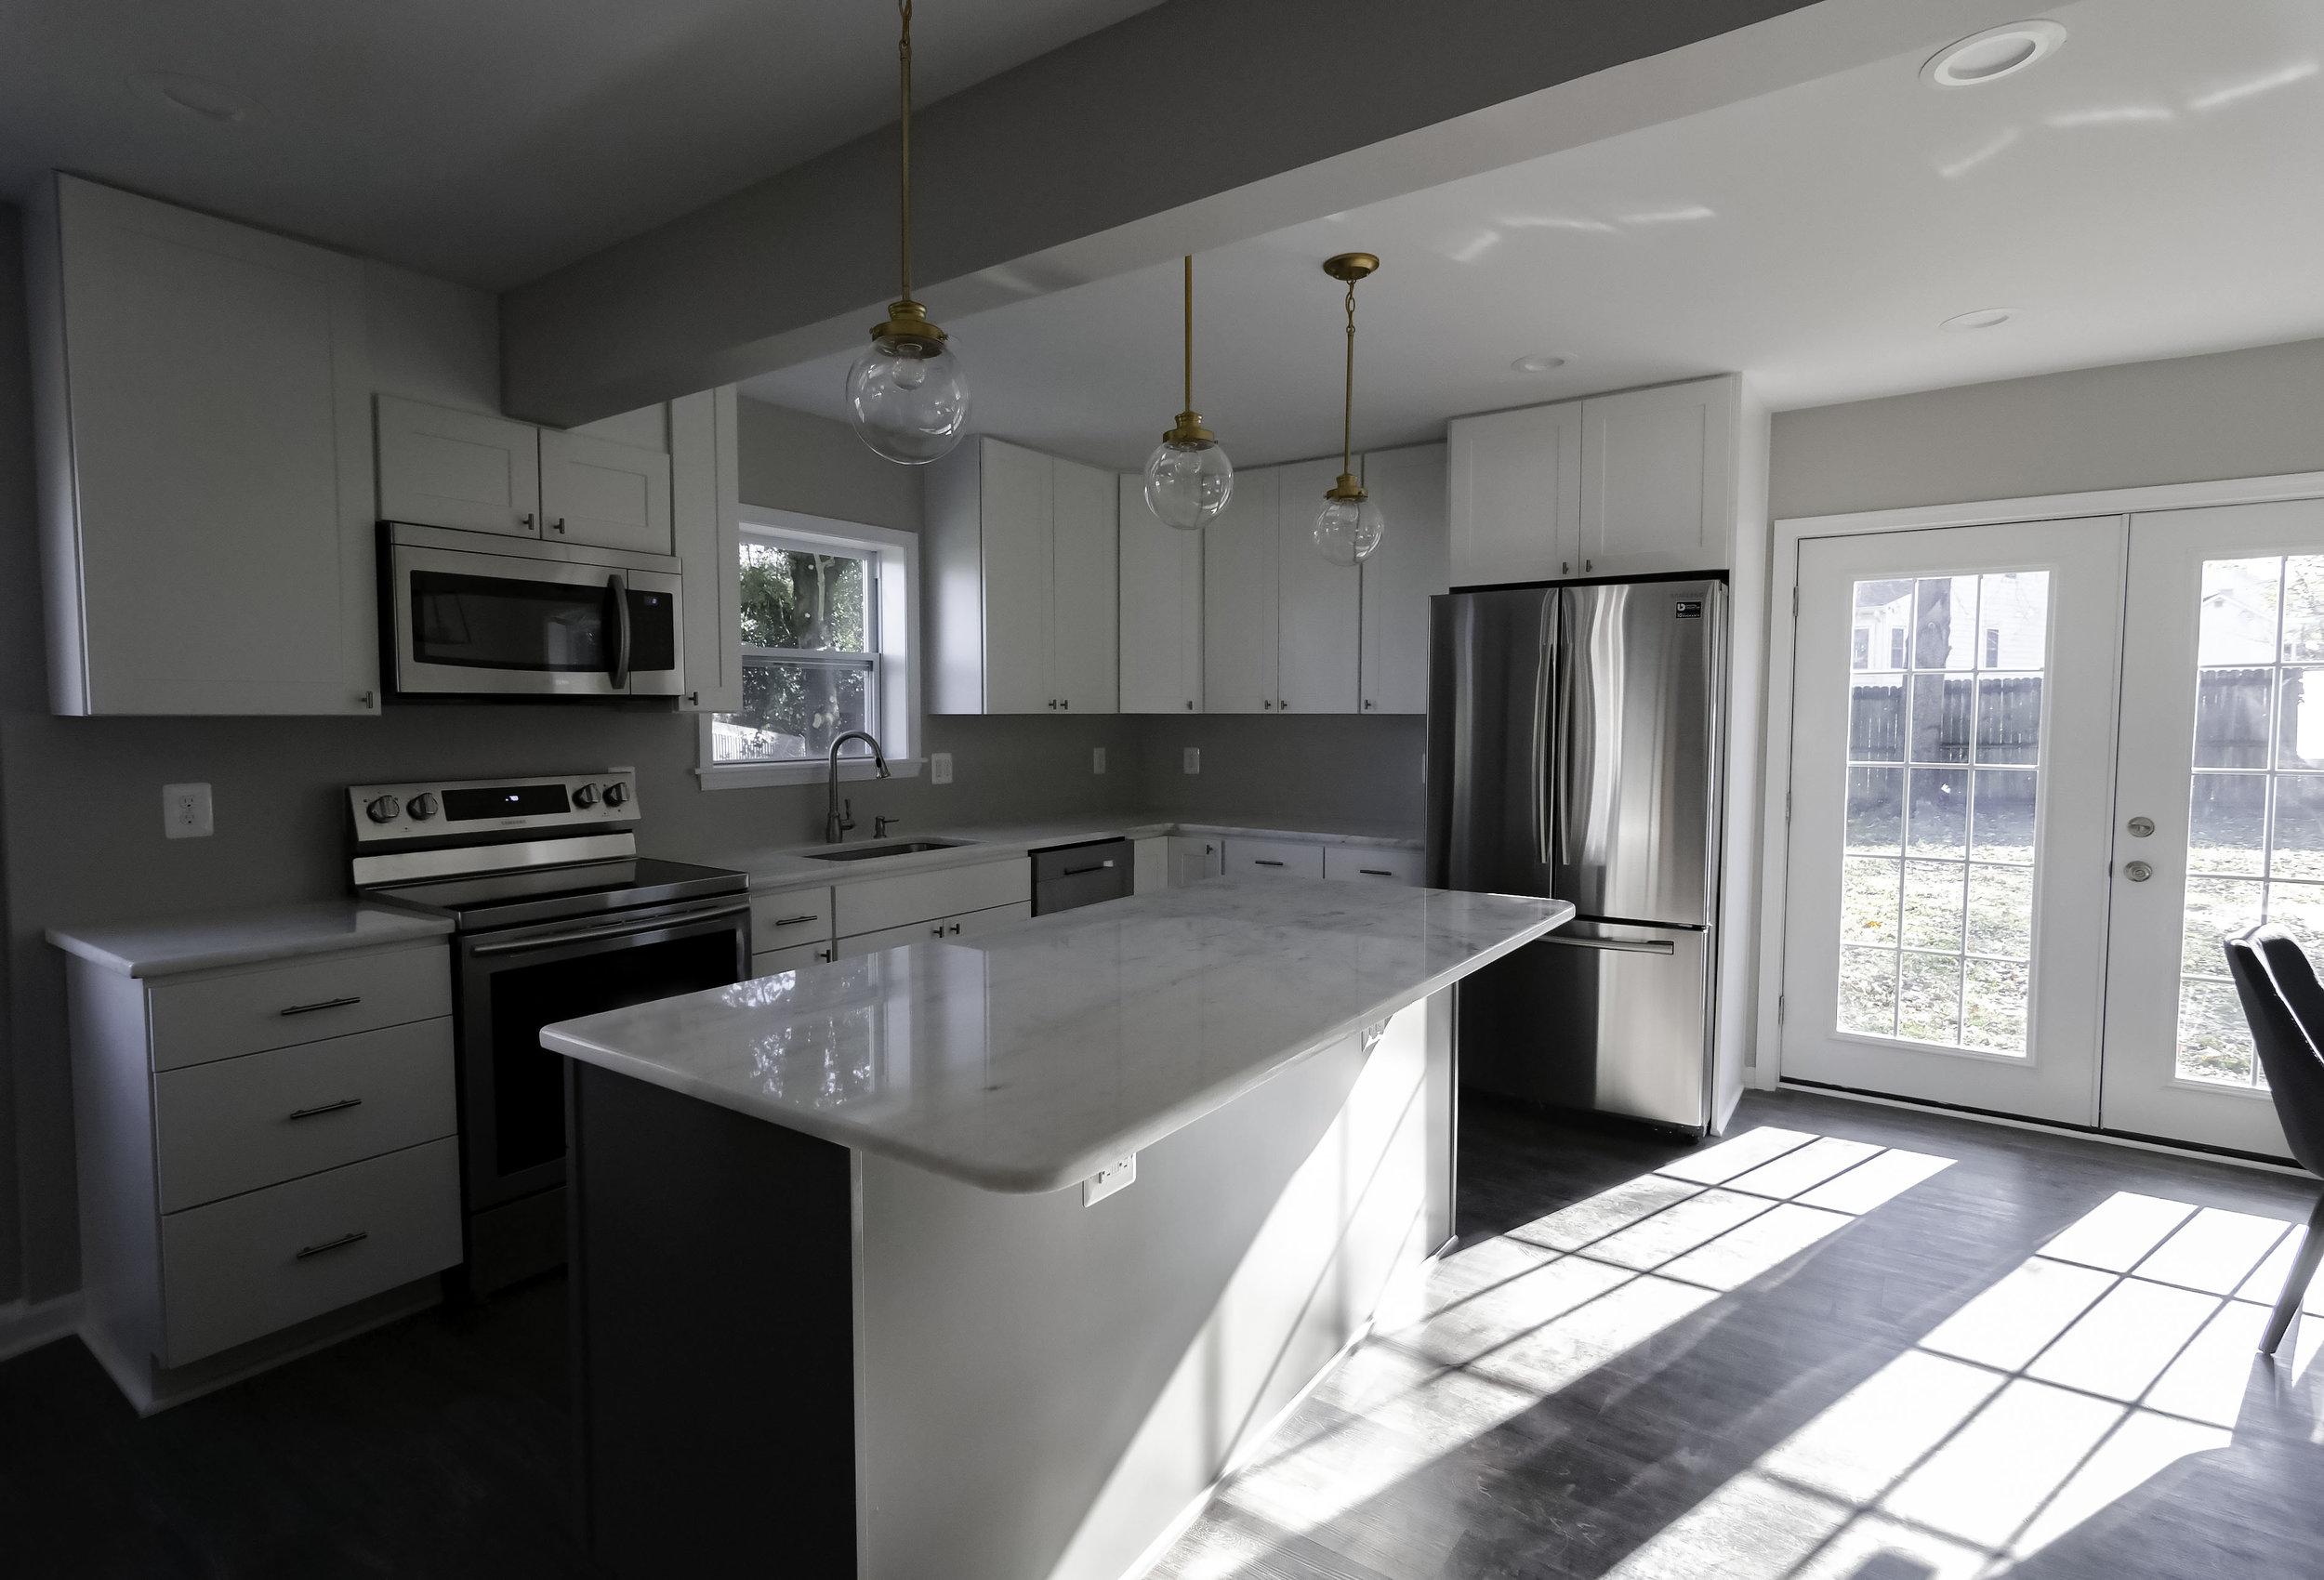 2913 Main kitchen left view edit.jpg